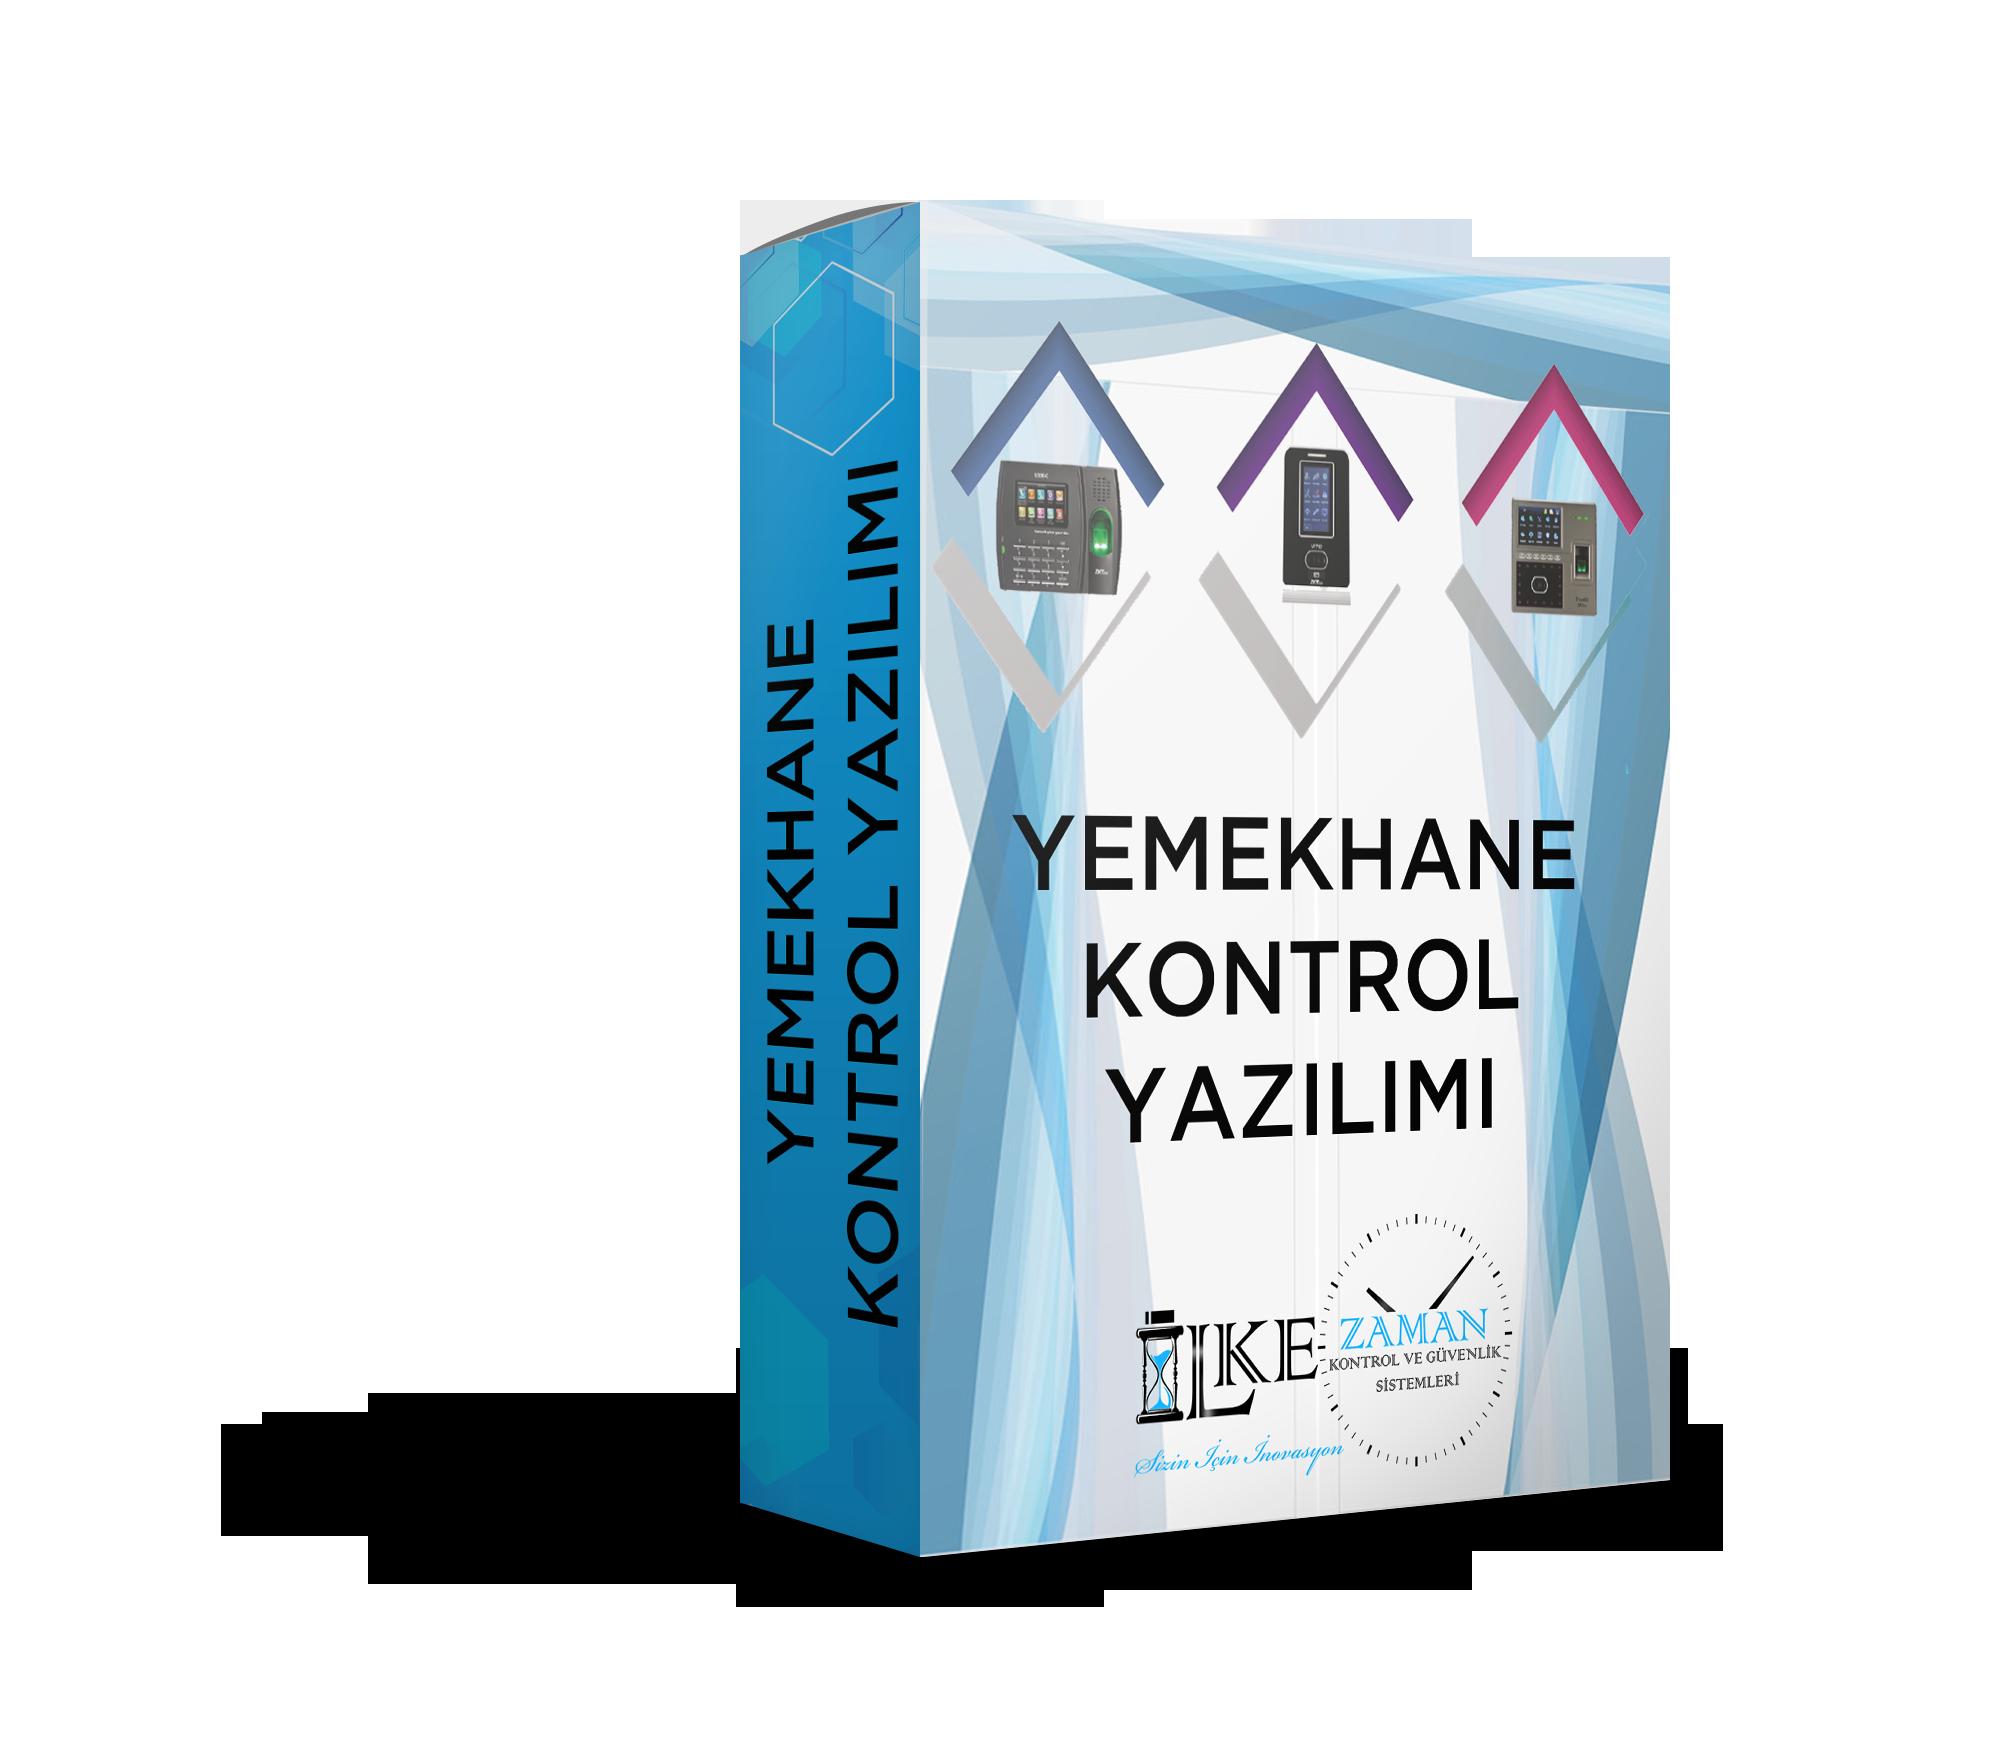 YEMEKHANE KONTROL YAZILIMI